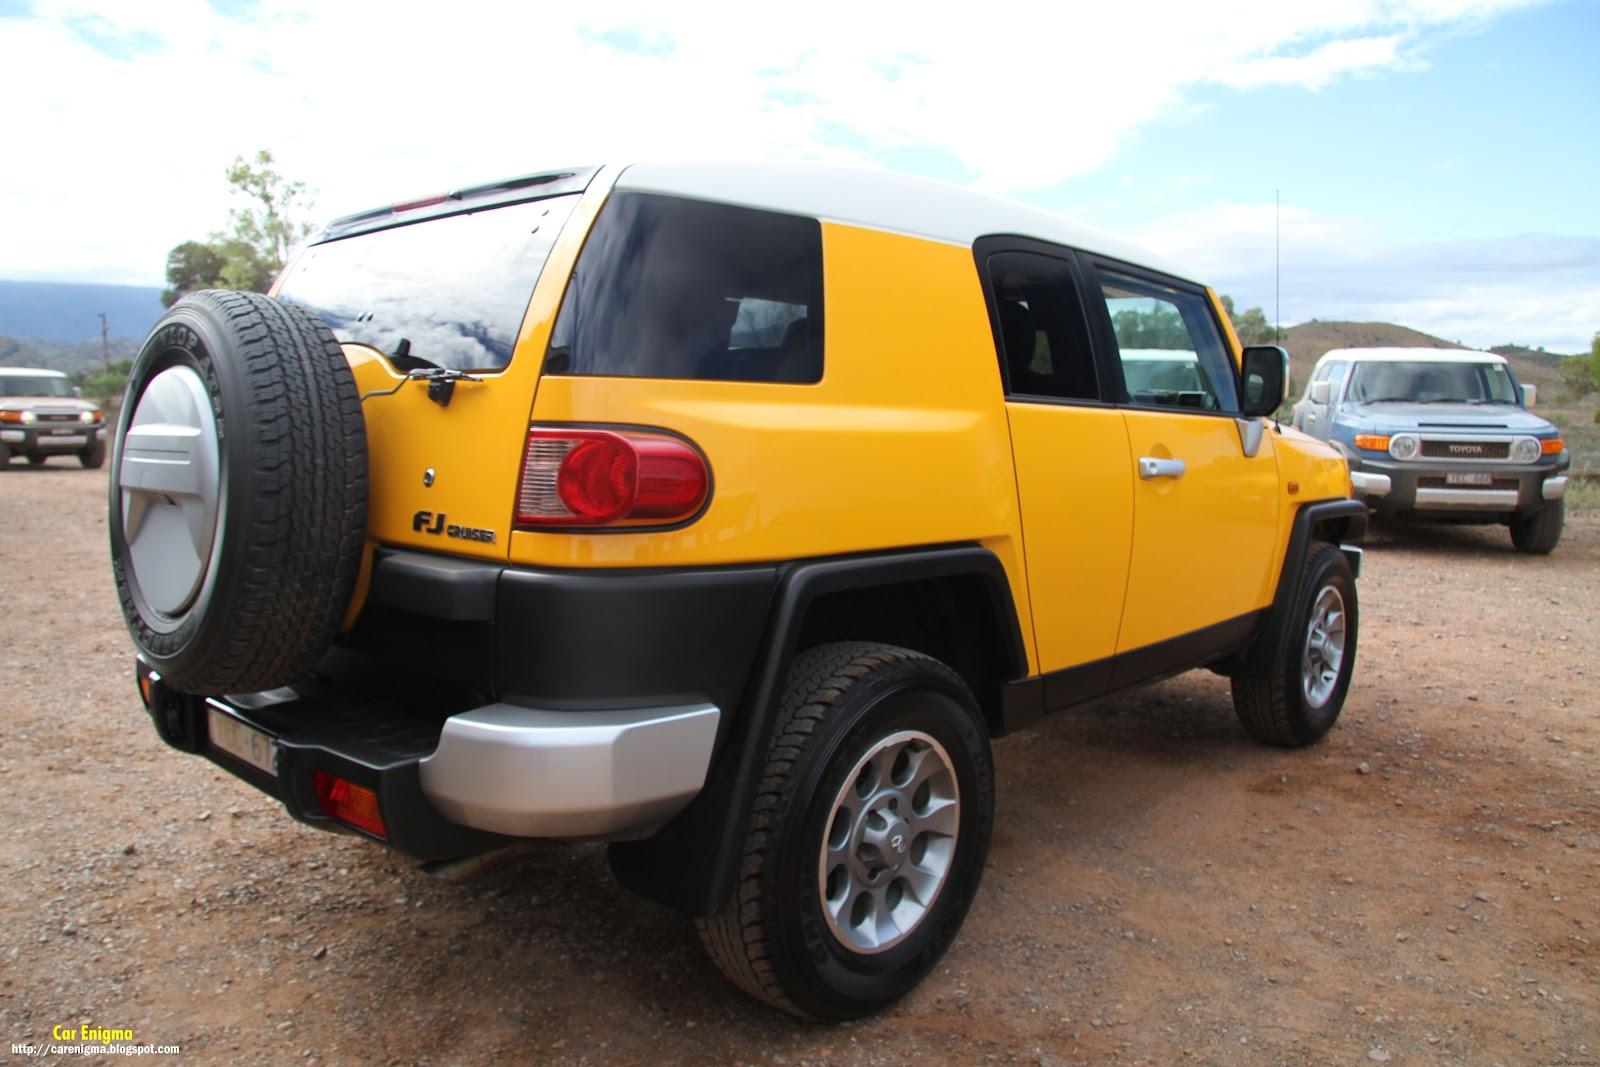 http://2.bp.blogspot.com/-UW5MpD3lrRY/T2bxi1esIFI/AAAAAAAAAvY/lf3bi03pLzo/s1600/FJ_Rear_Yellow.jpg